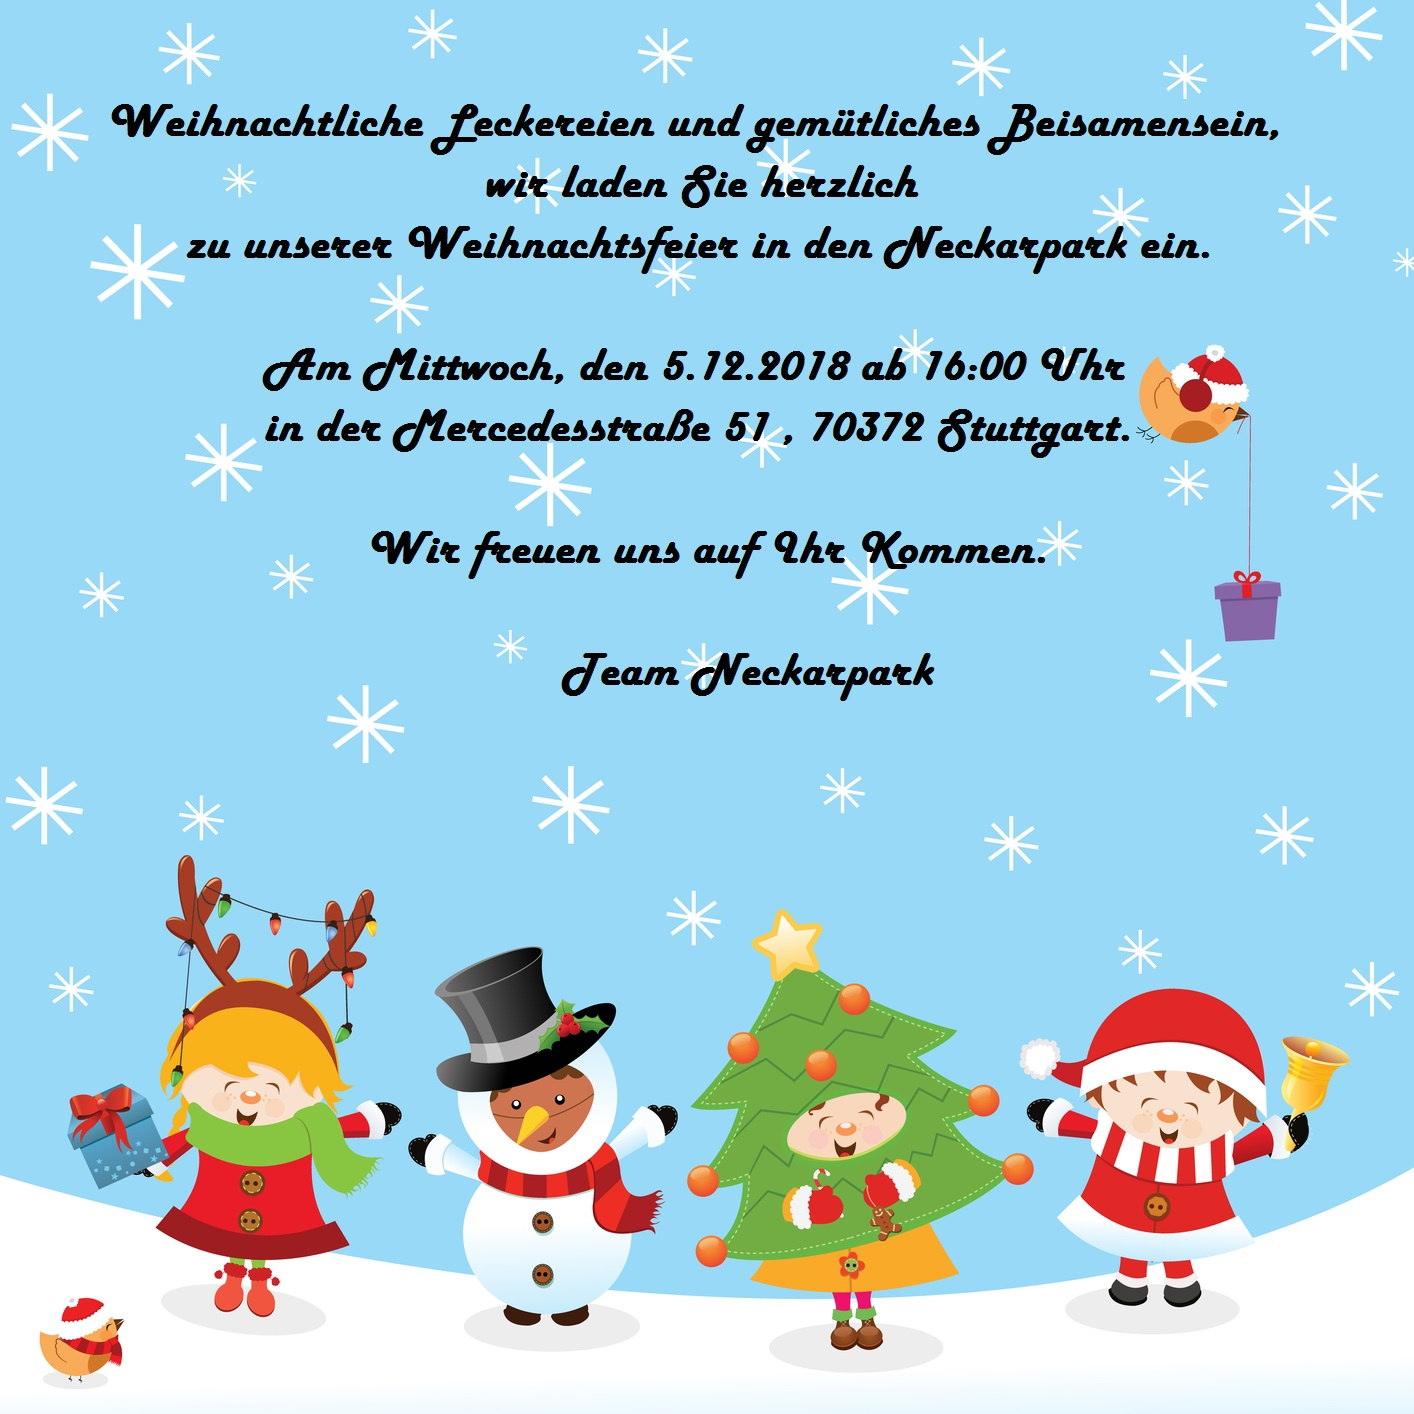 Weihnachtsfeier | Freundeskreis Neckarpark